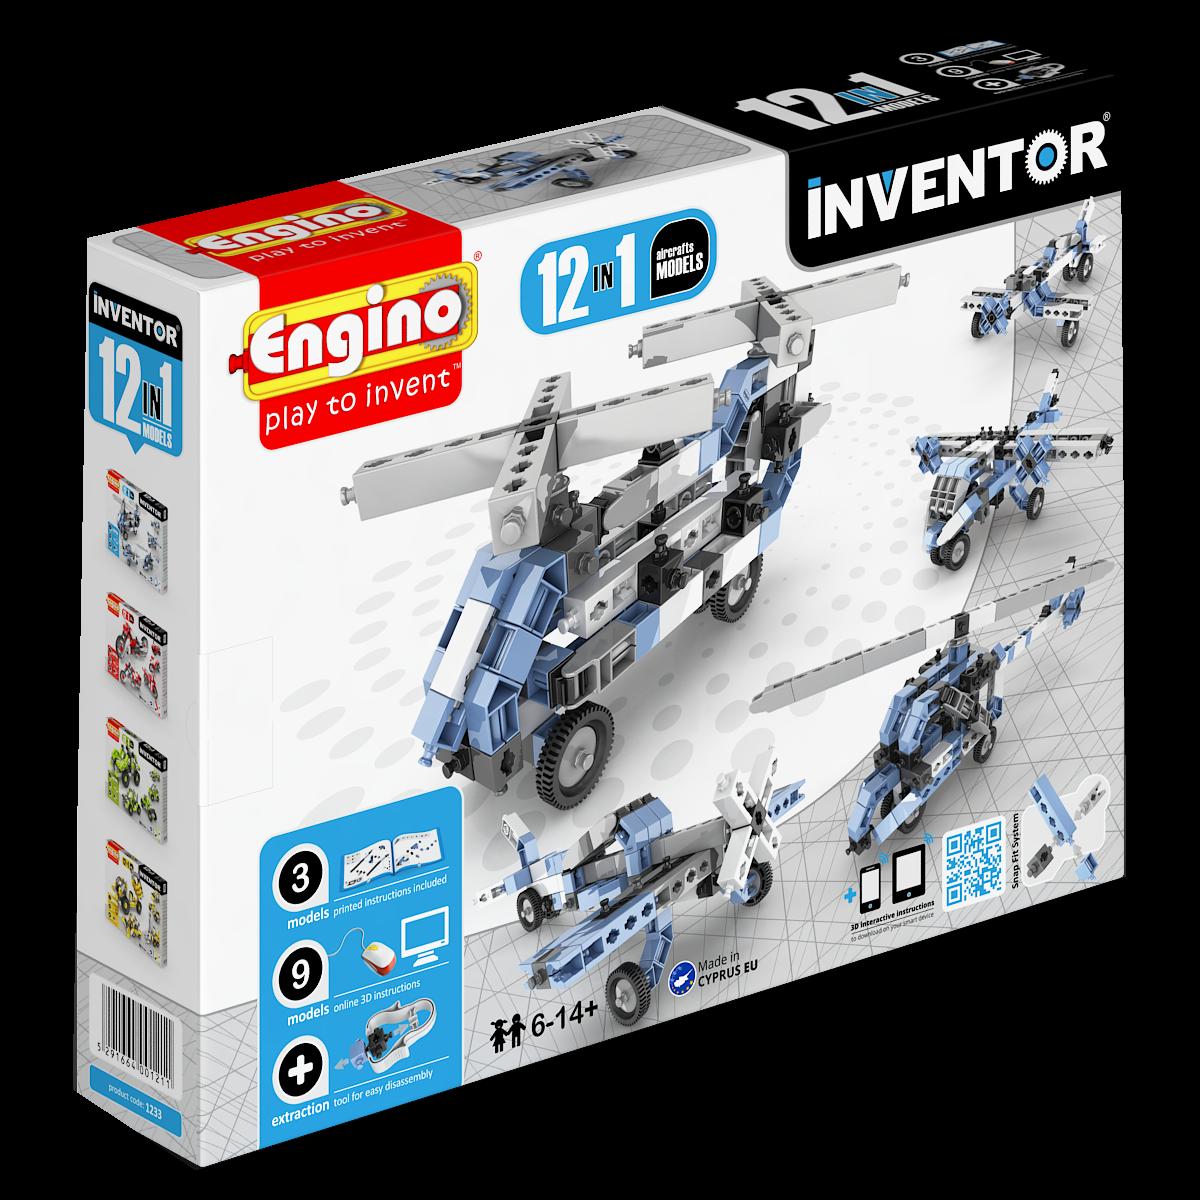 Set de constructie Inventor - 12 modele de aeronave | Engino